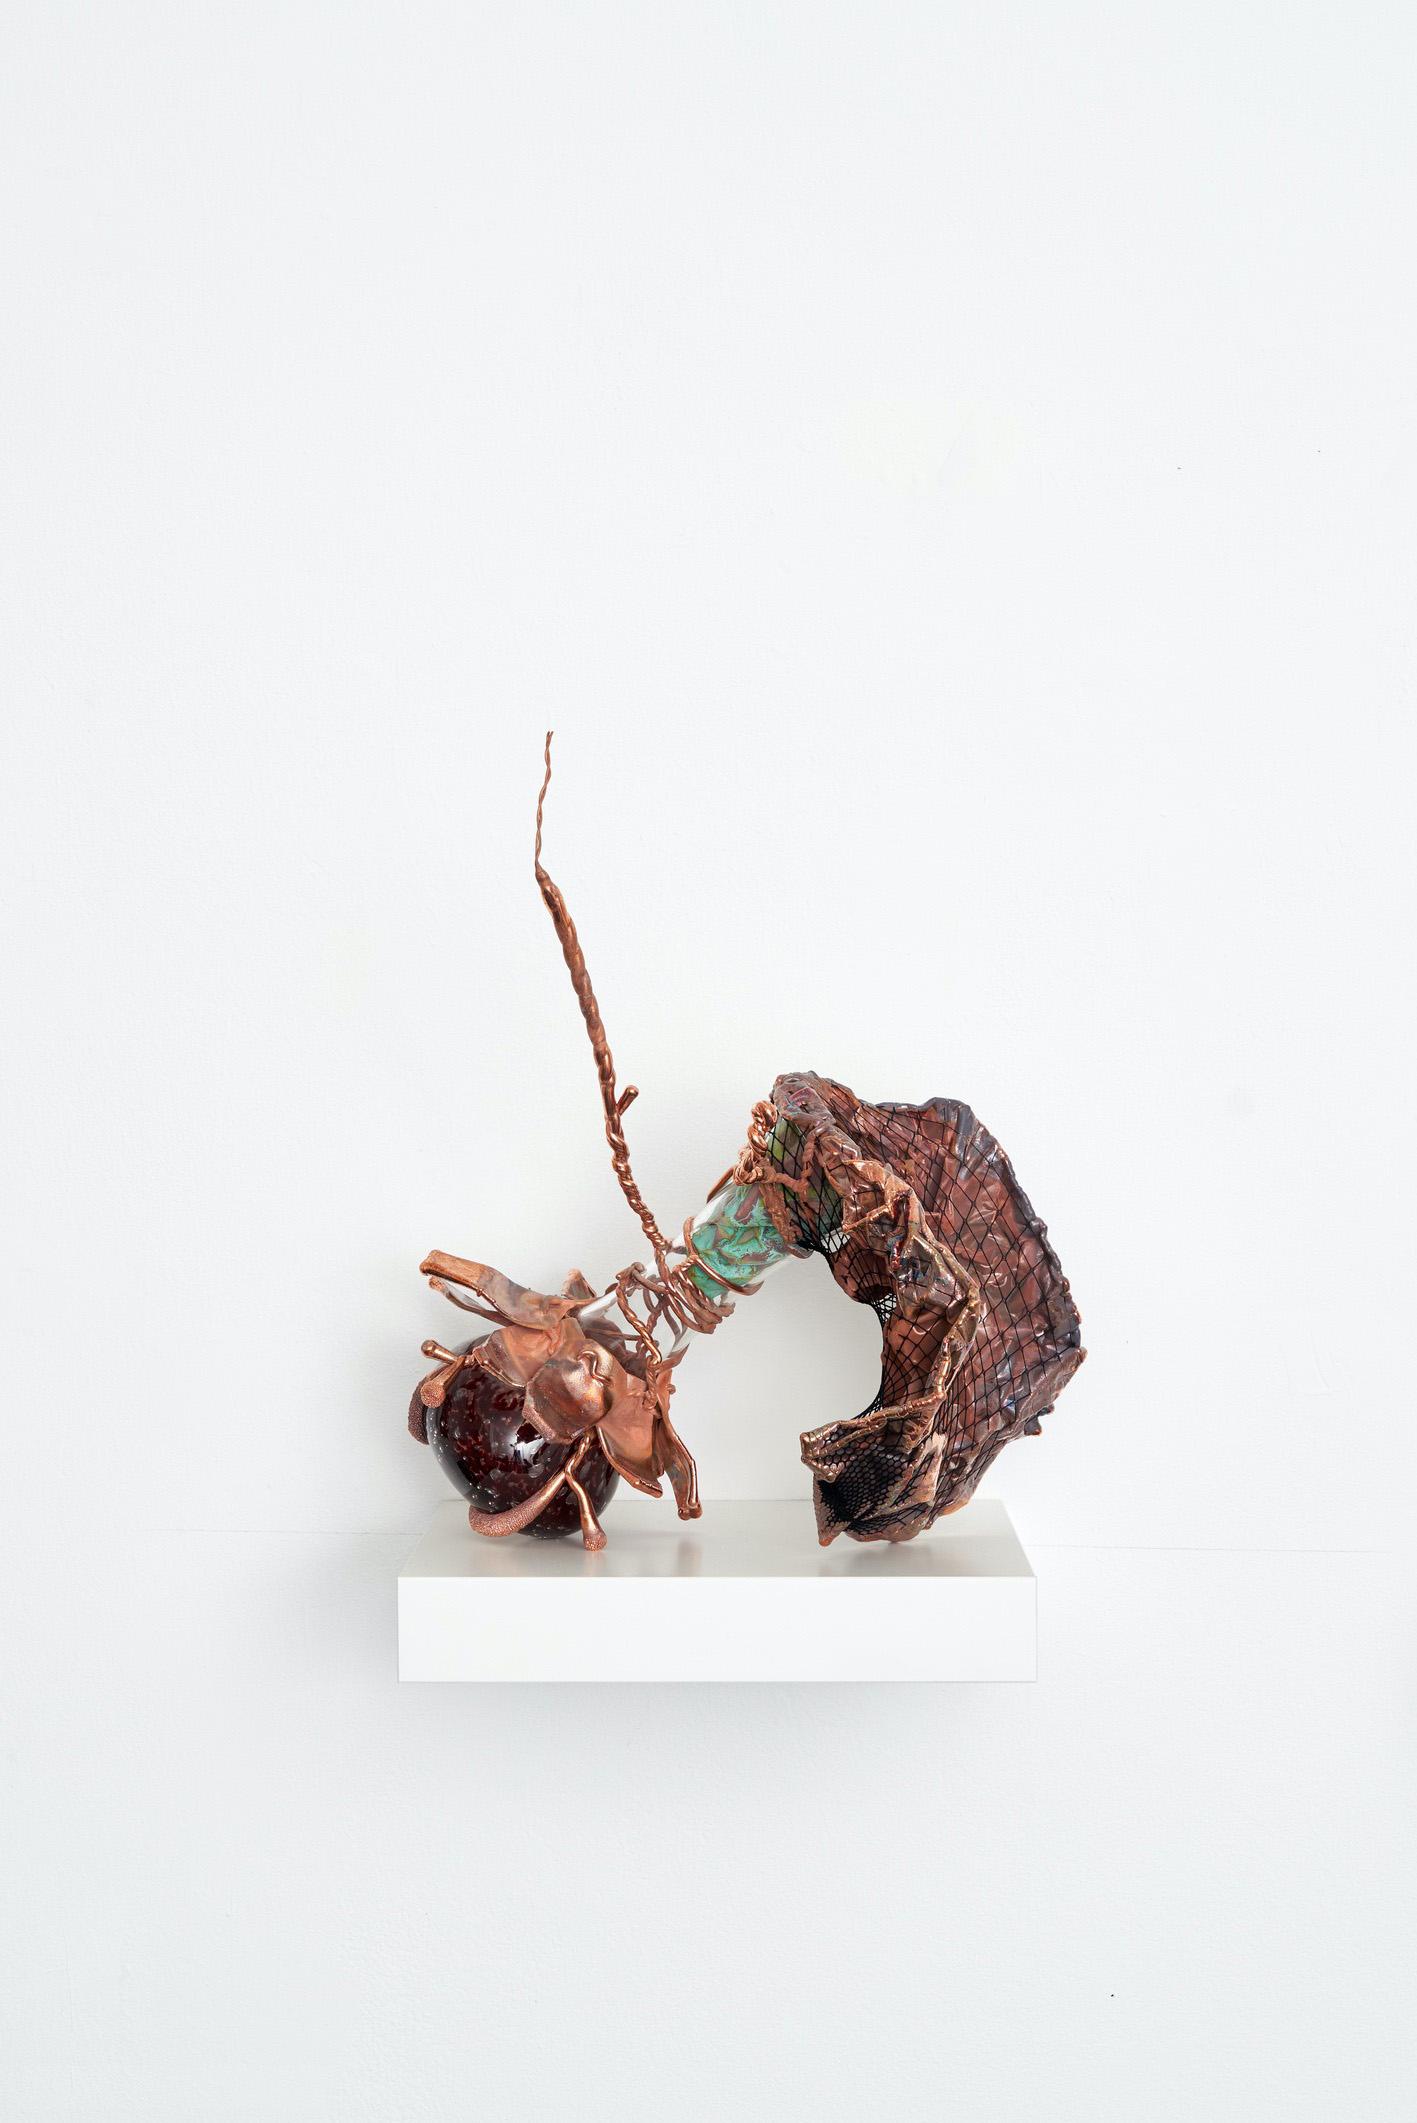 04-Vase-4-2021-Glas-Nylon-Kupfer-41-x-34-x-23-cm